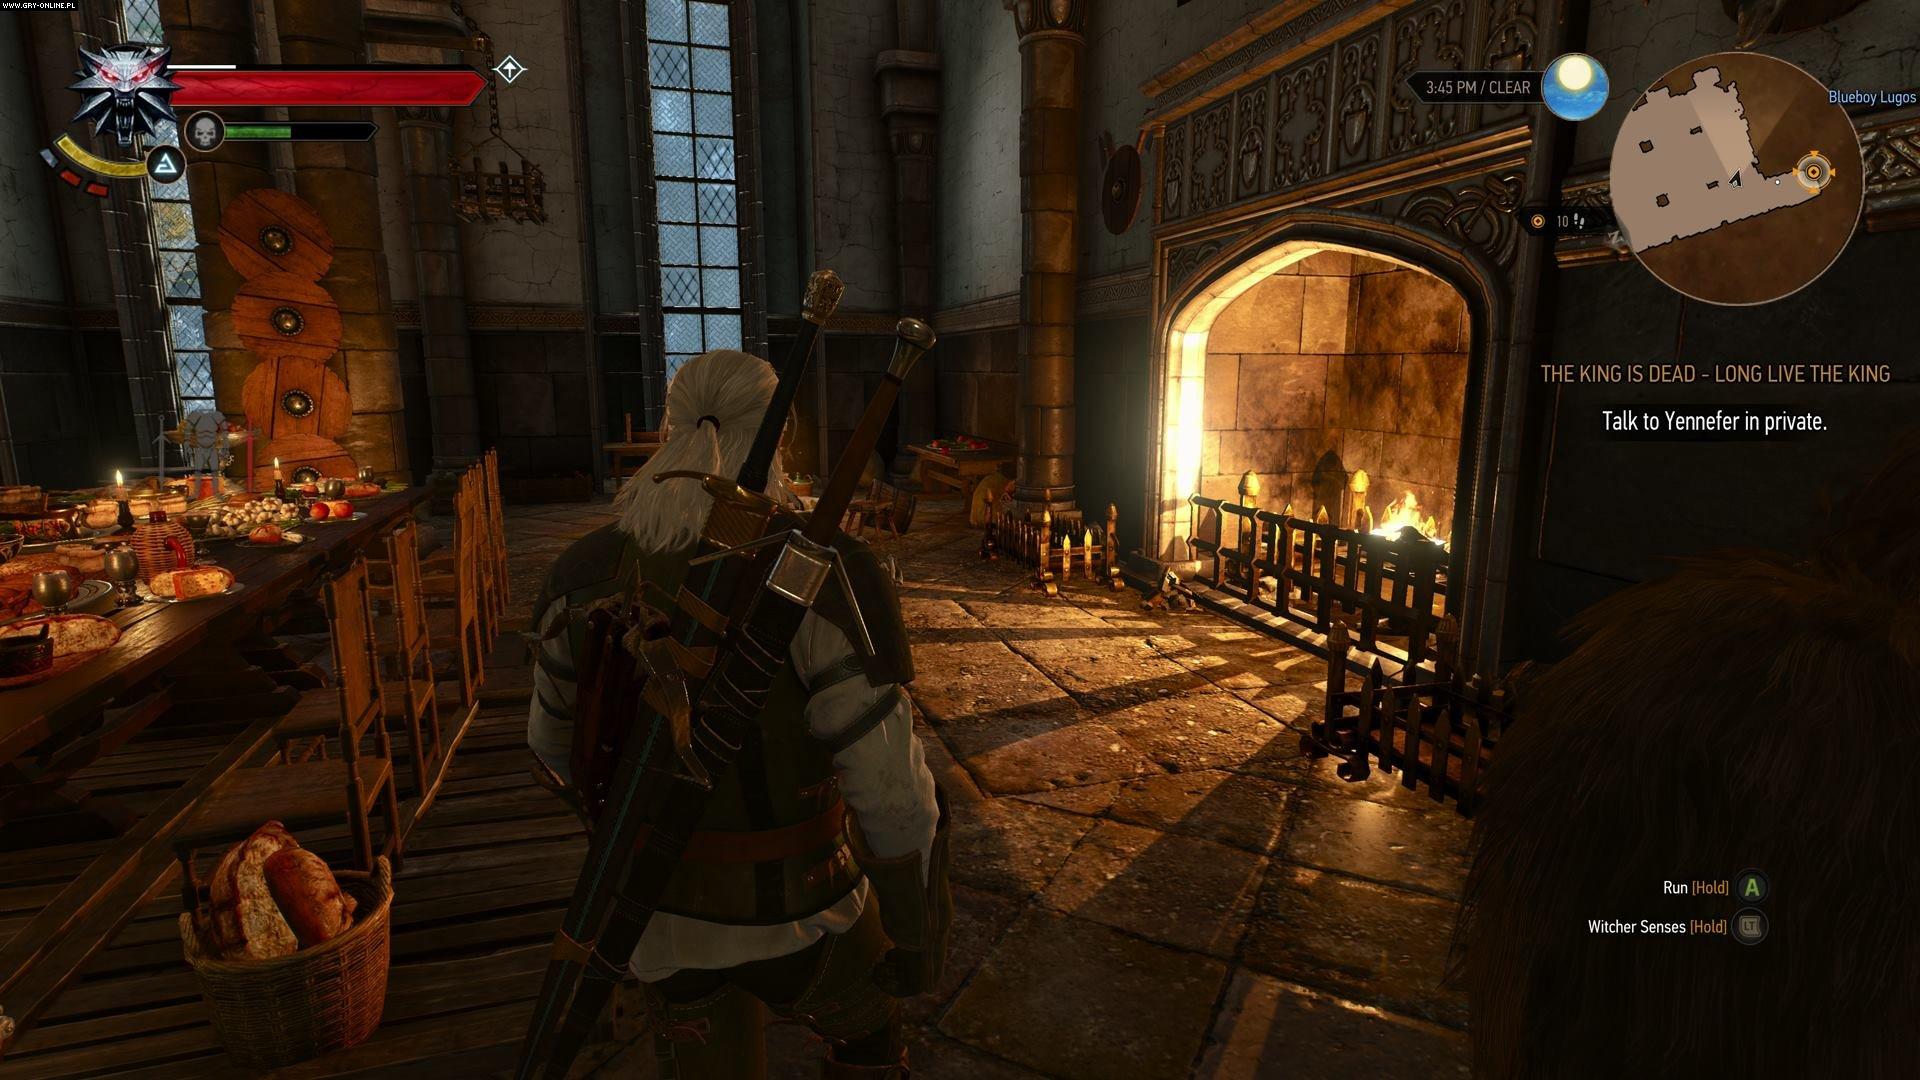 336253181.jpg - Witcher 3: Wild Hunt, the